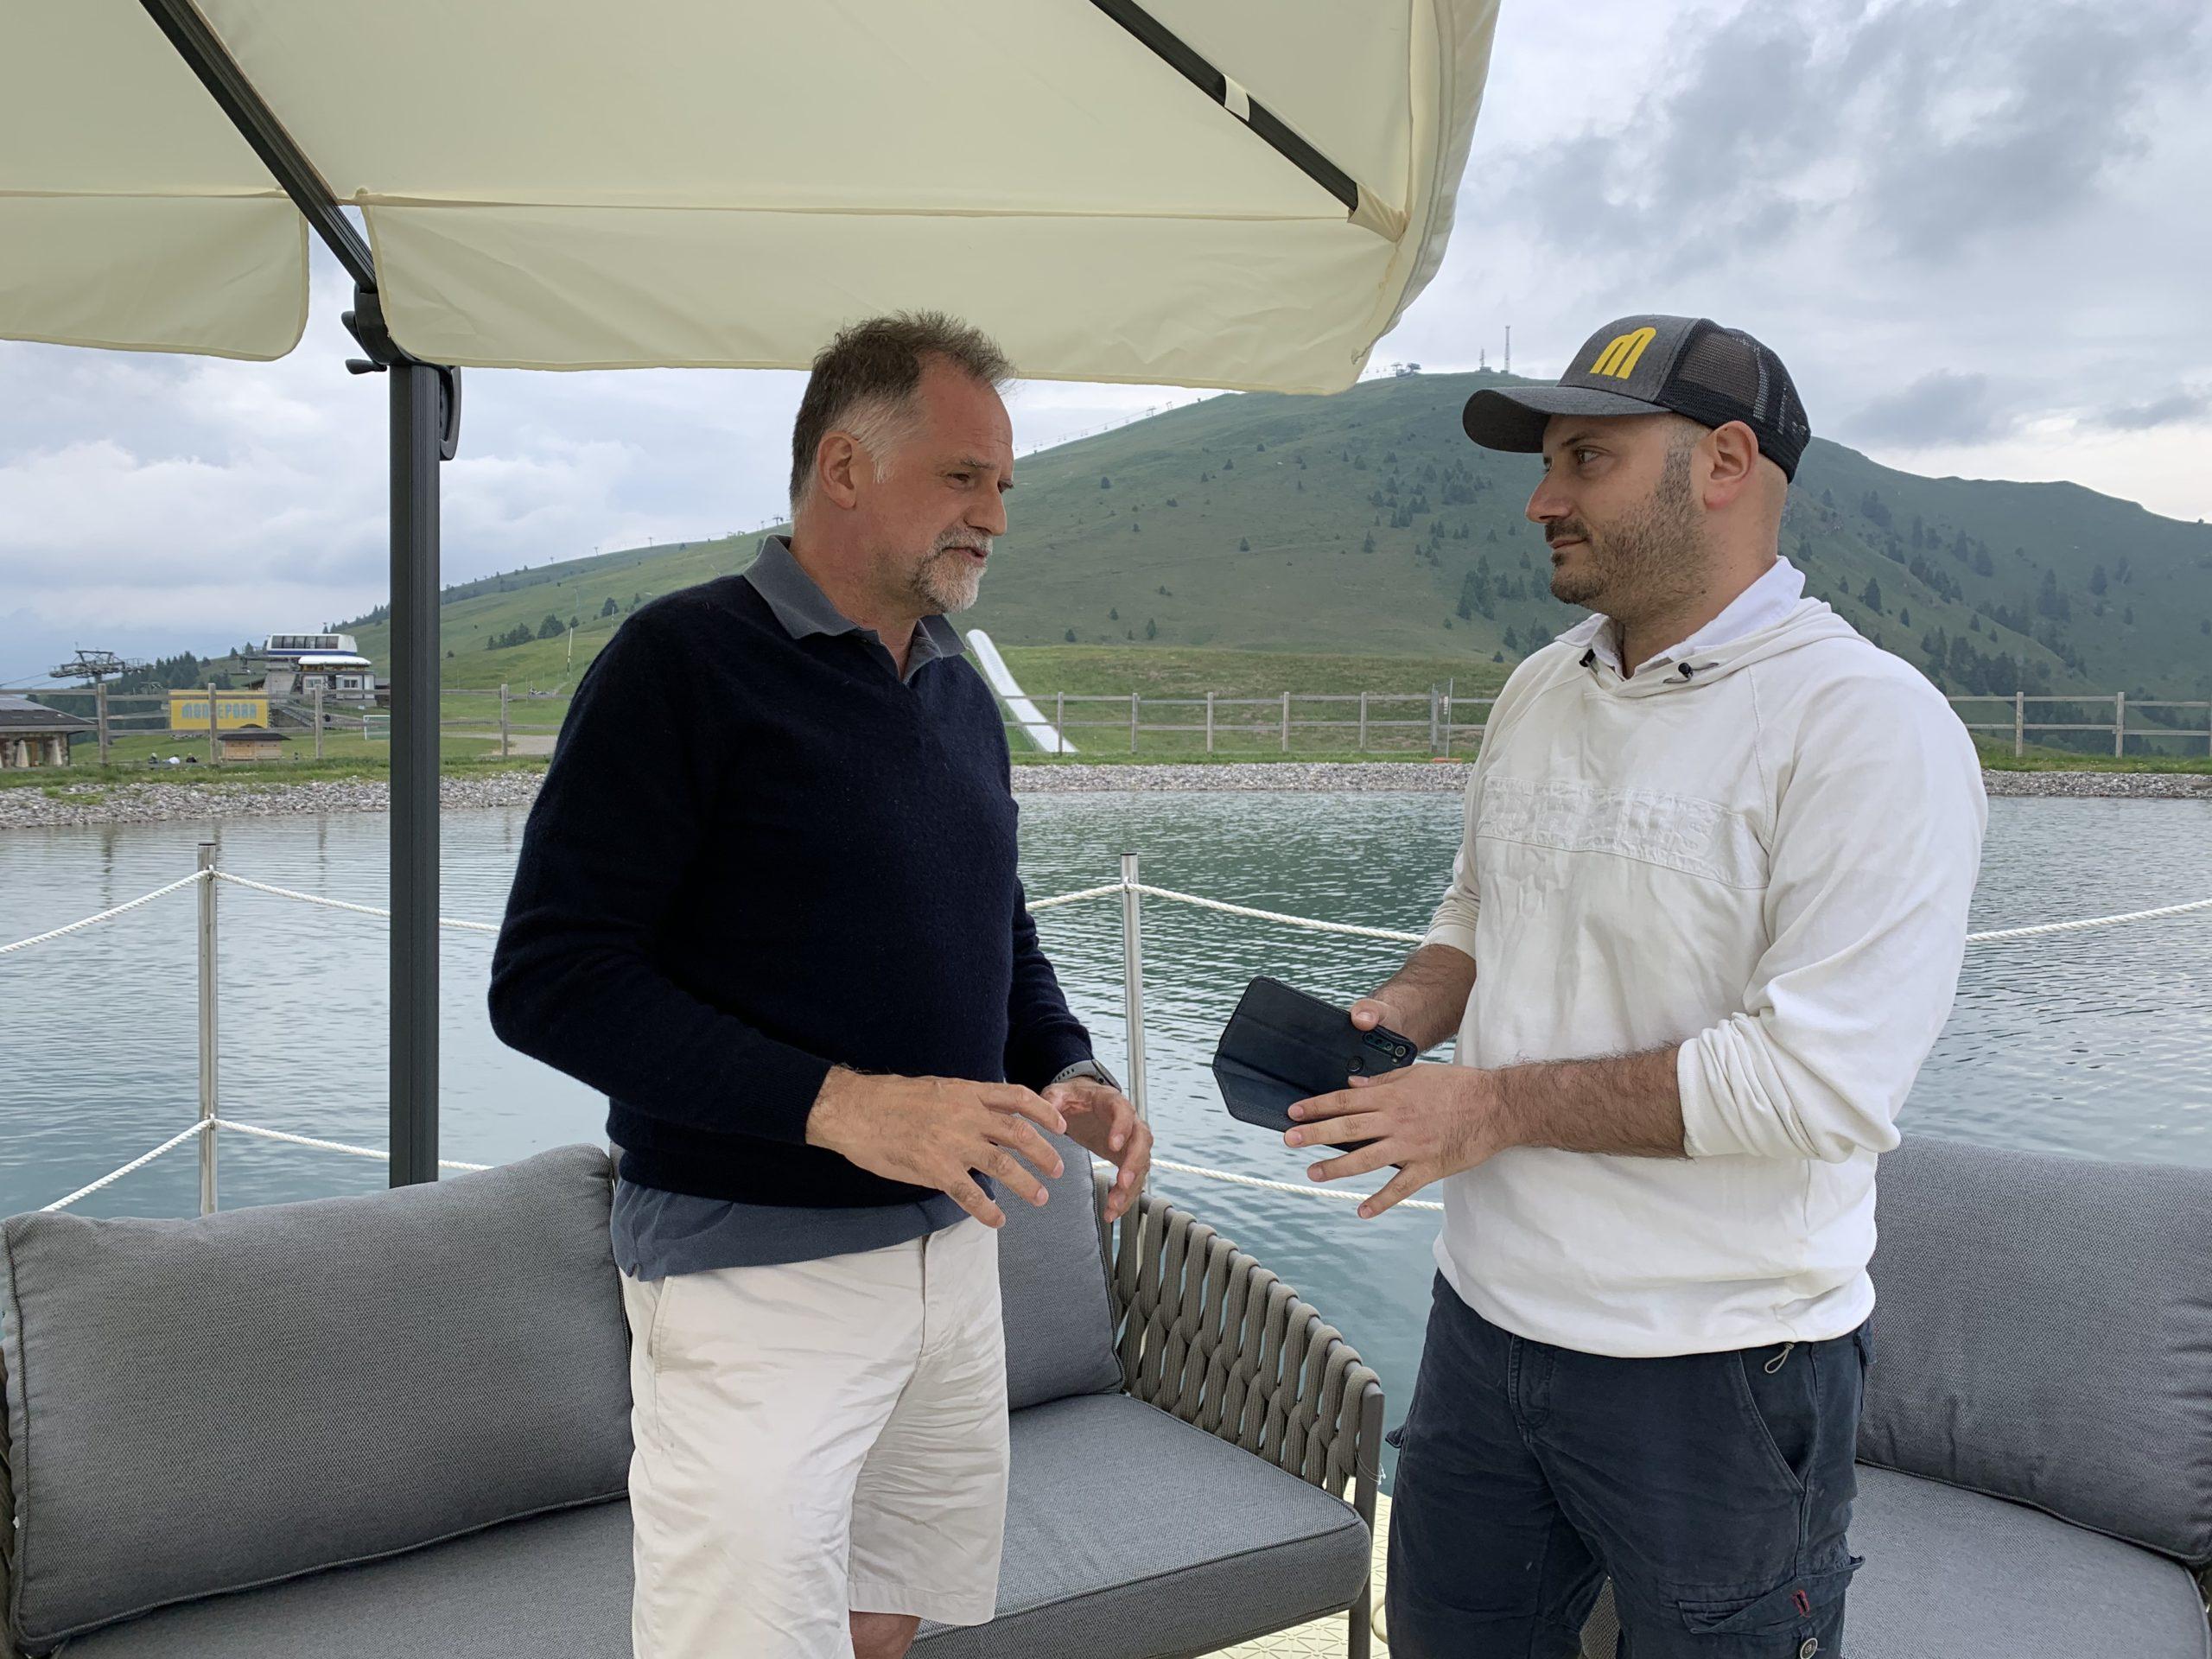 Ο Ιταλός Υπουργός Τουρισμού Massimo Garavaglia (αριστερά) με τον ανταποκριτή της ΕΡΤ, Κρίστιαν Μαυρής (δεξιά) στην τεχνητή λίμνη του Monte Pora (φωτό: Andrea Affaticati)